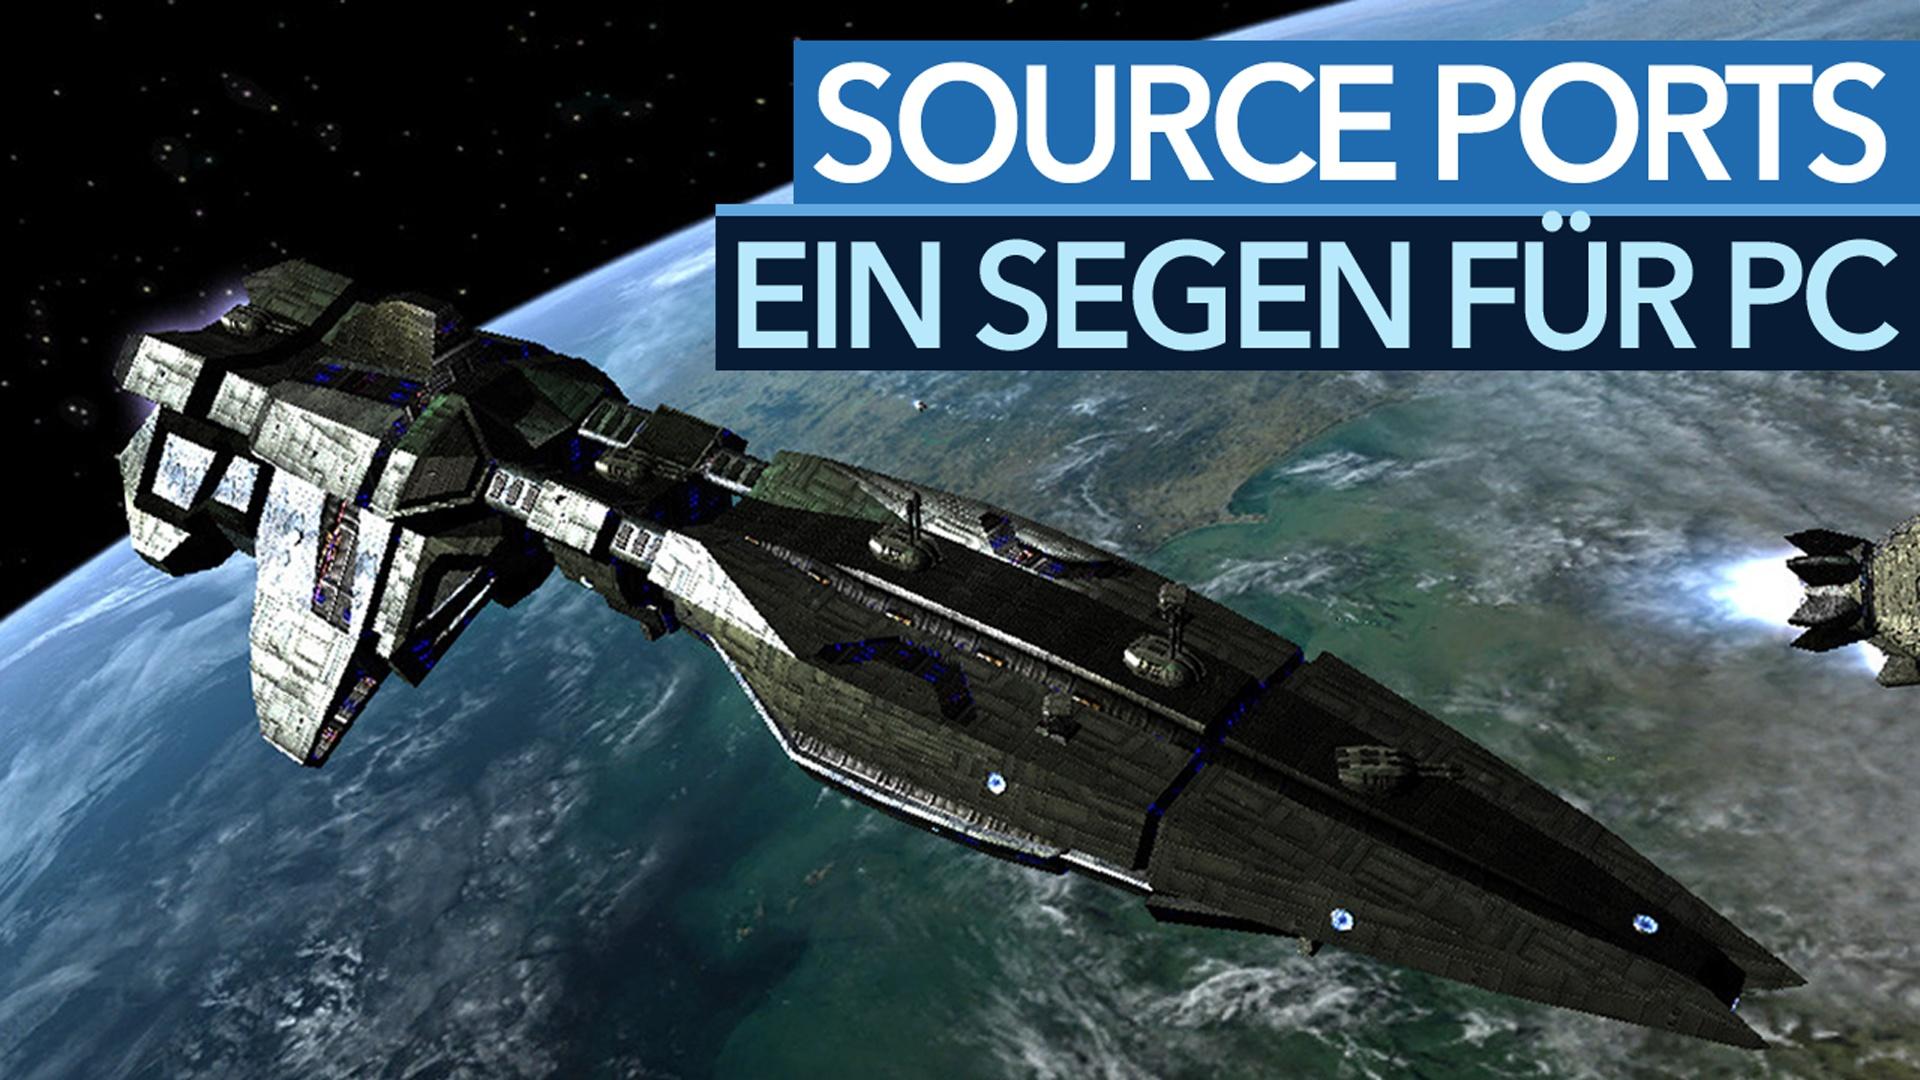 Source Ports sind ein Segen für den PC - Freespace 2, Quake 2 & Co. mit neuer Technik